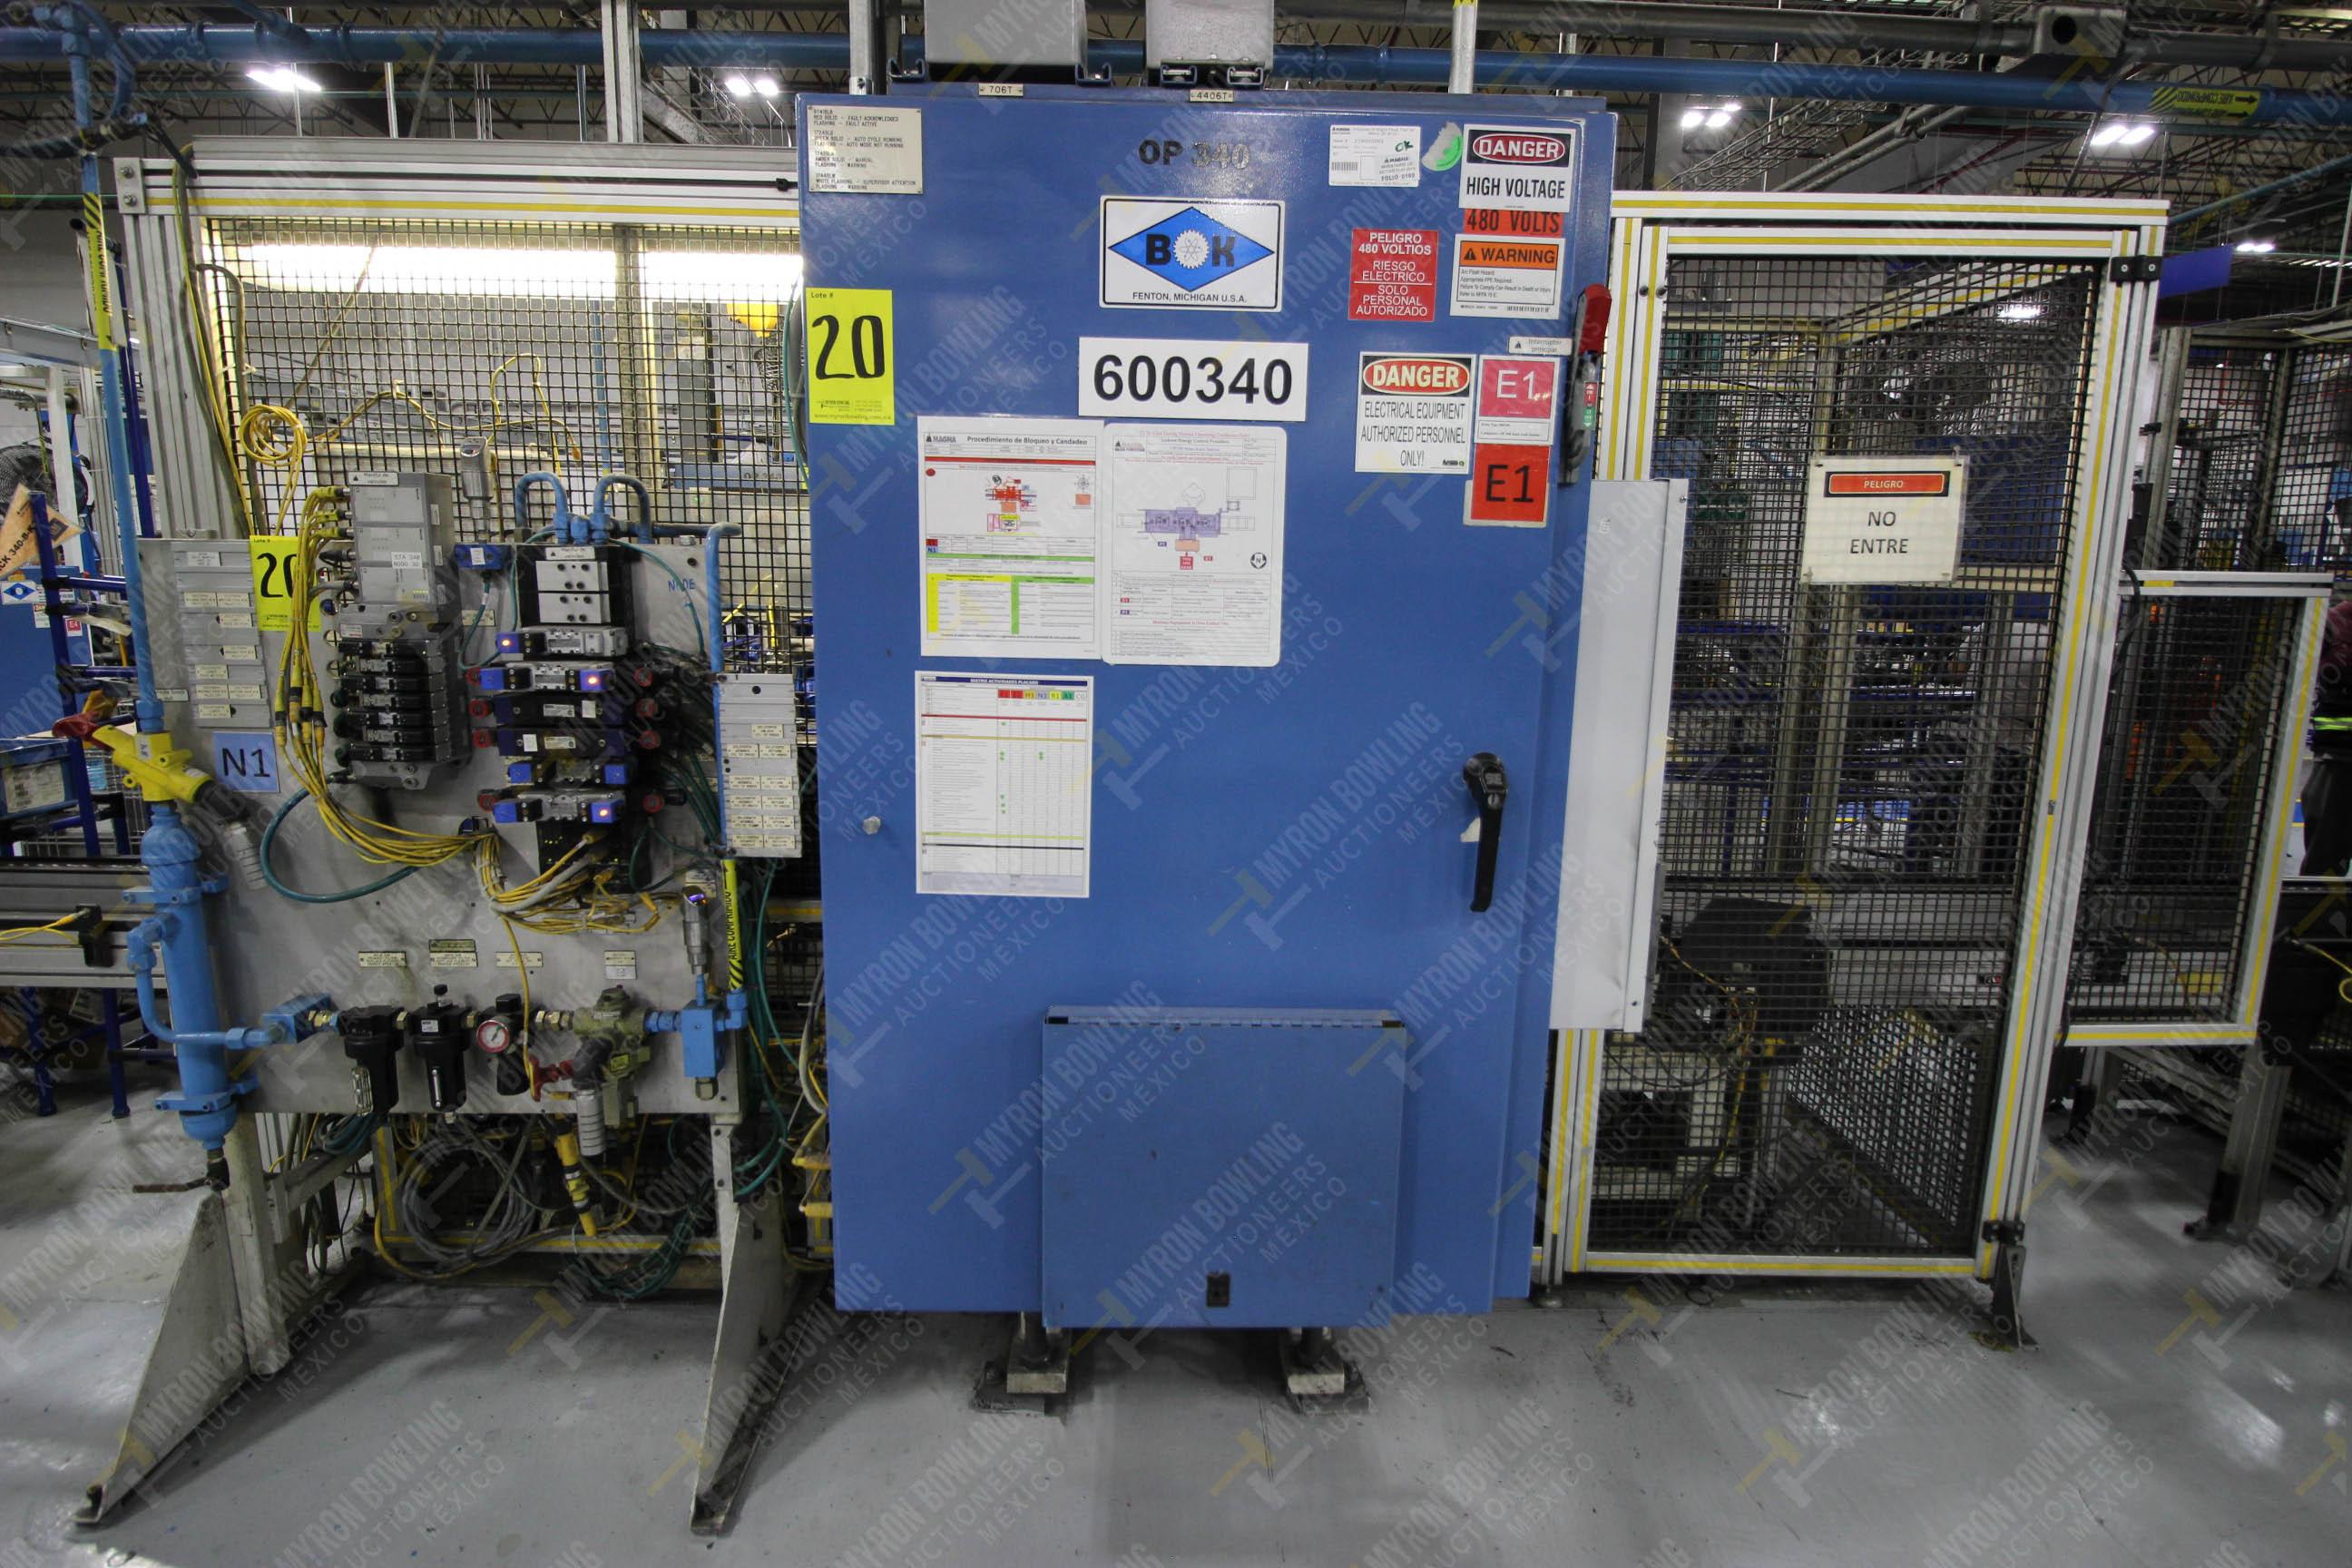 Estación semiautomática para operación 340, contiene: Prensa en estructura de placa de acero - Image 26 of 32